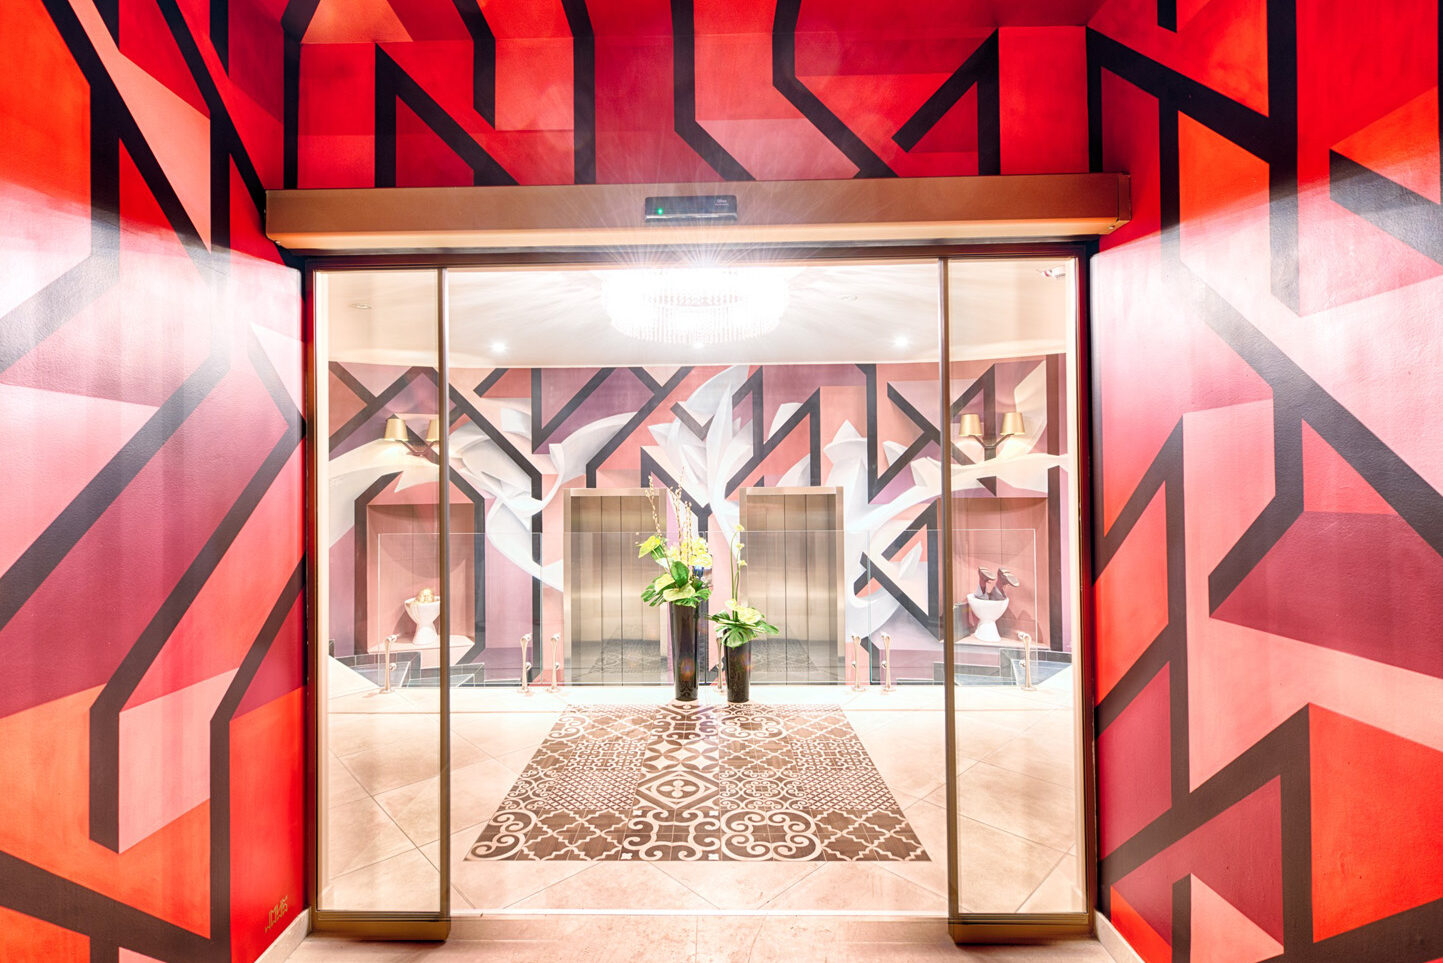 NYX HOTEL MILANO ITALY